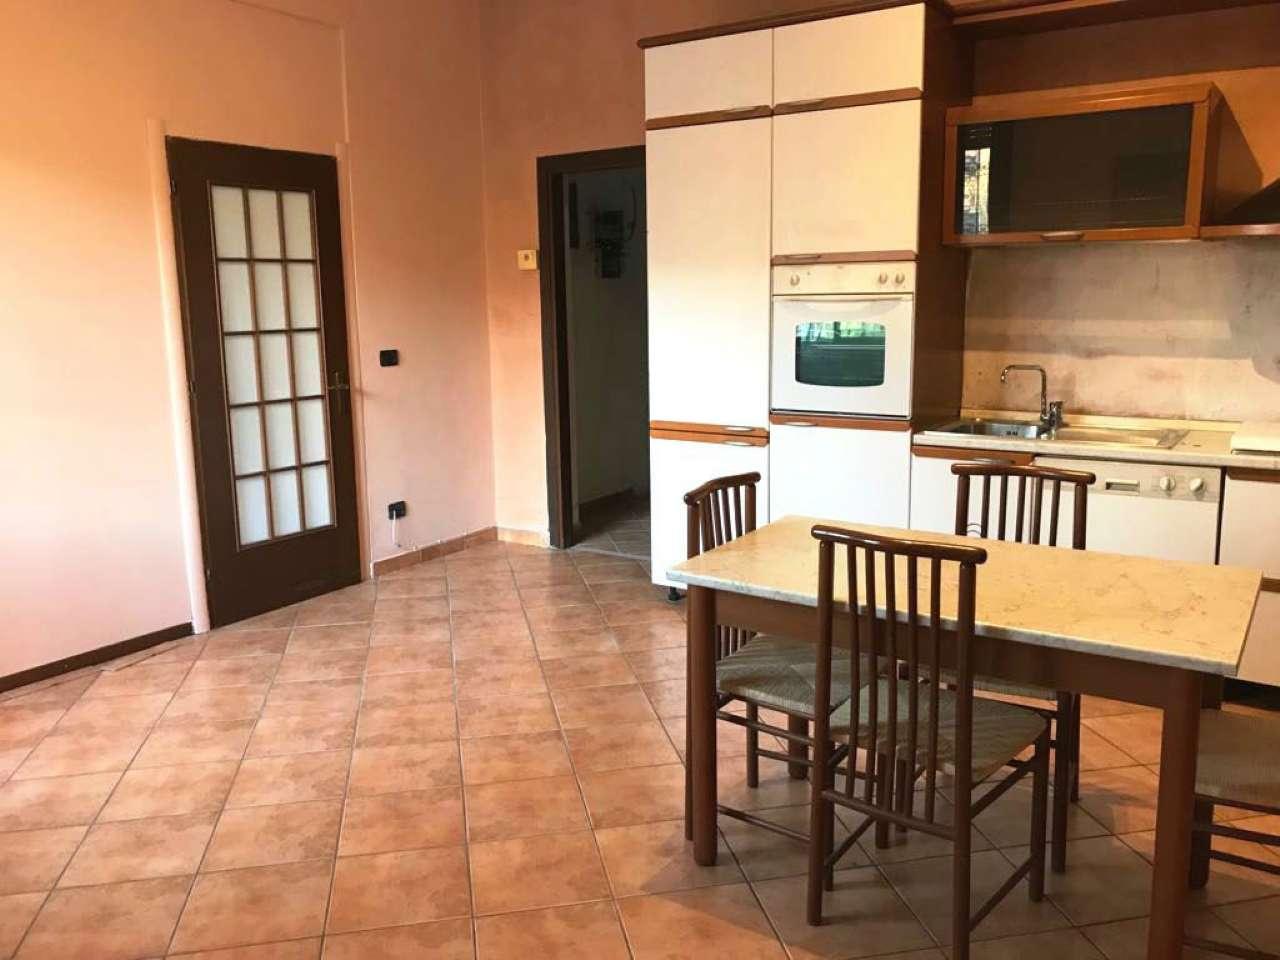 Appartamento ristrutturato in vendita Rif. 8888012